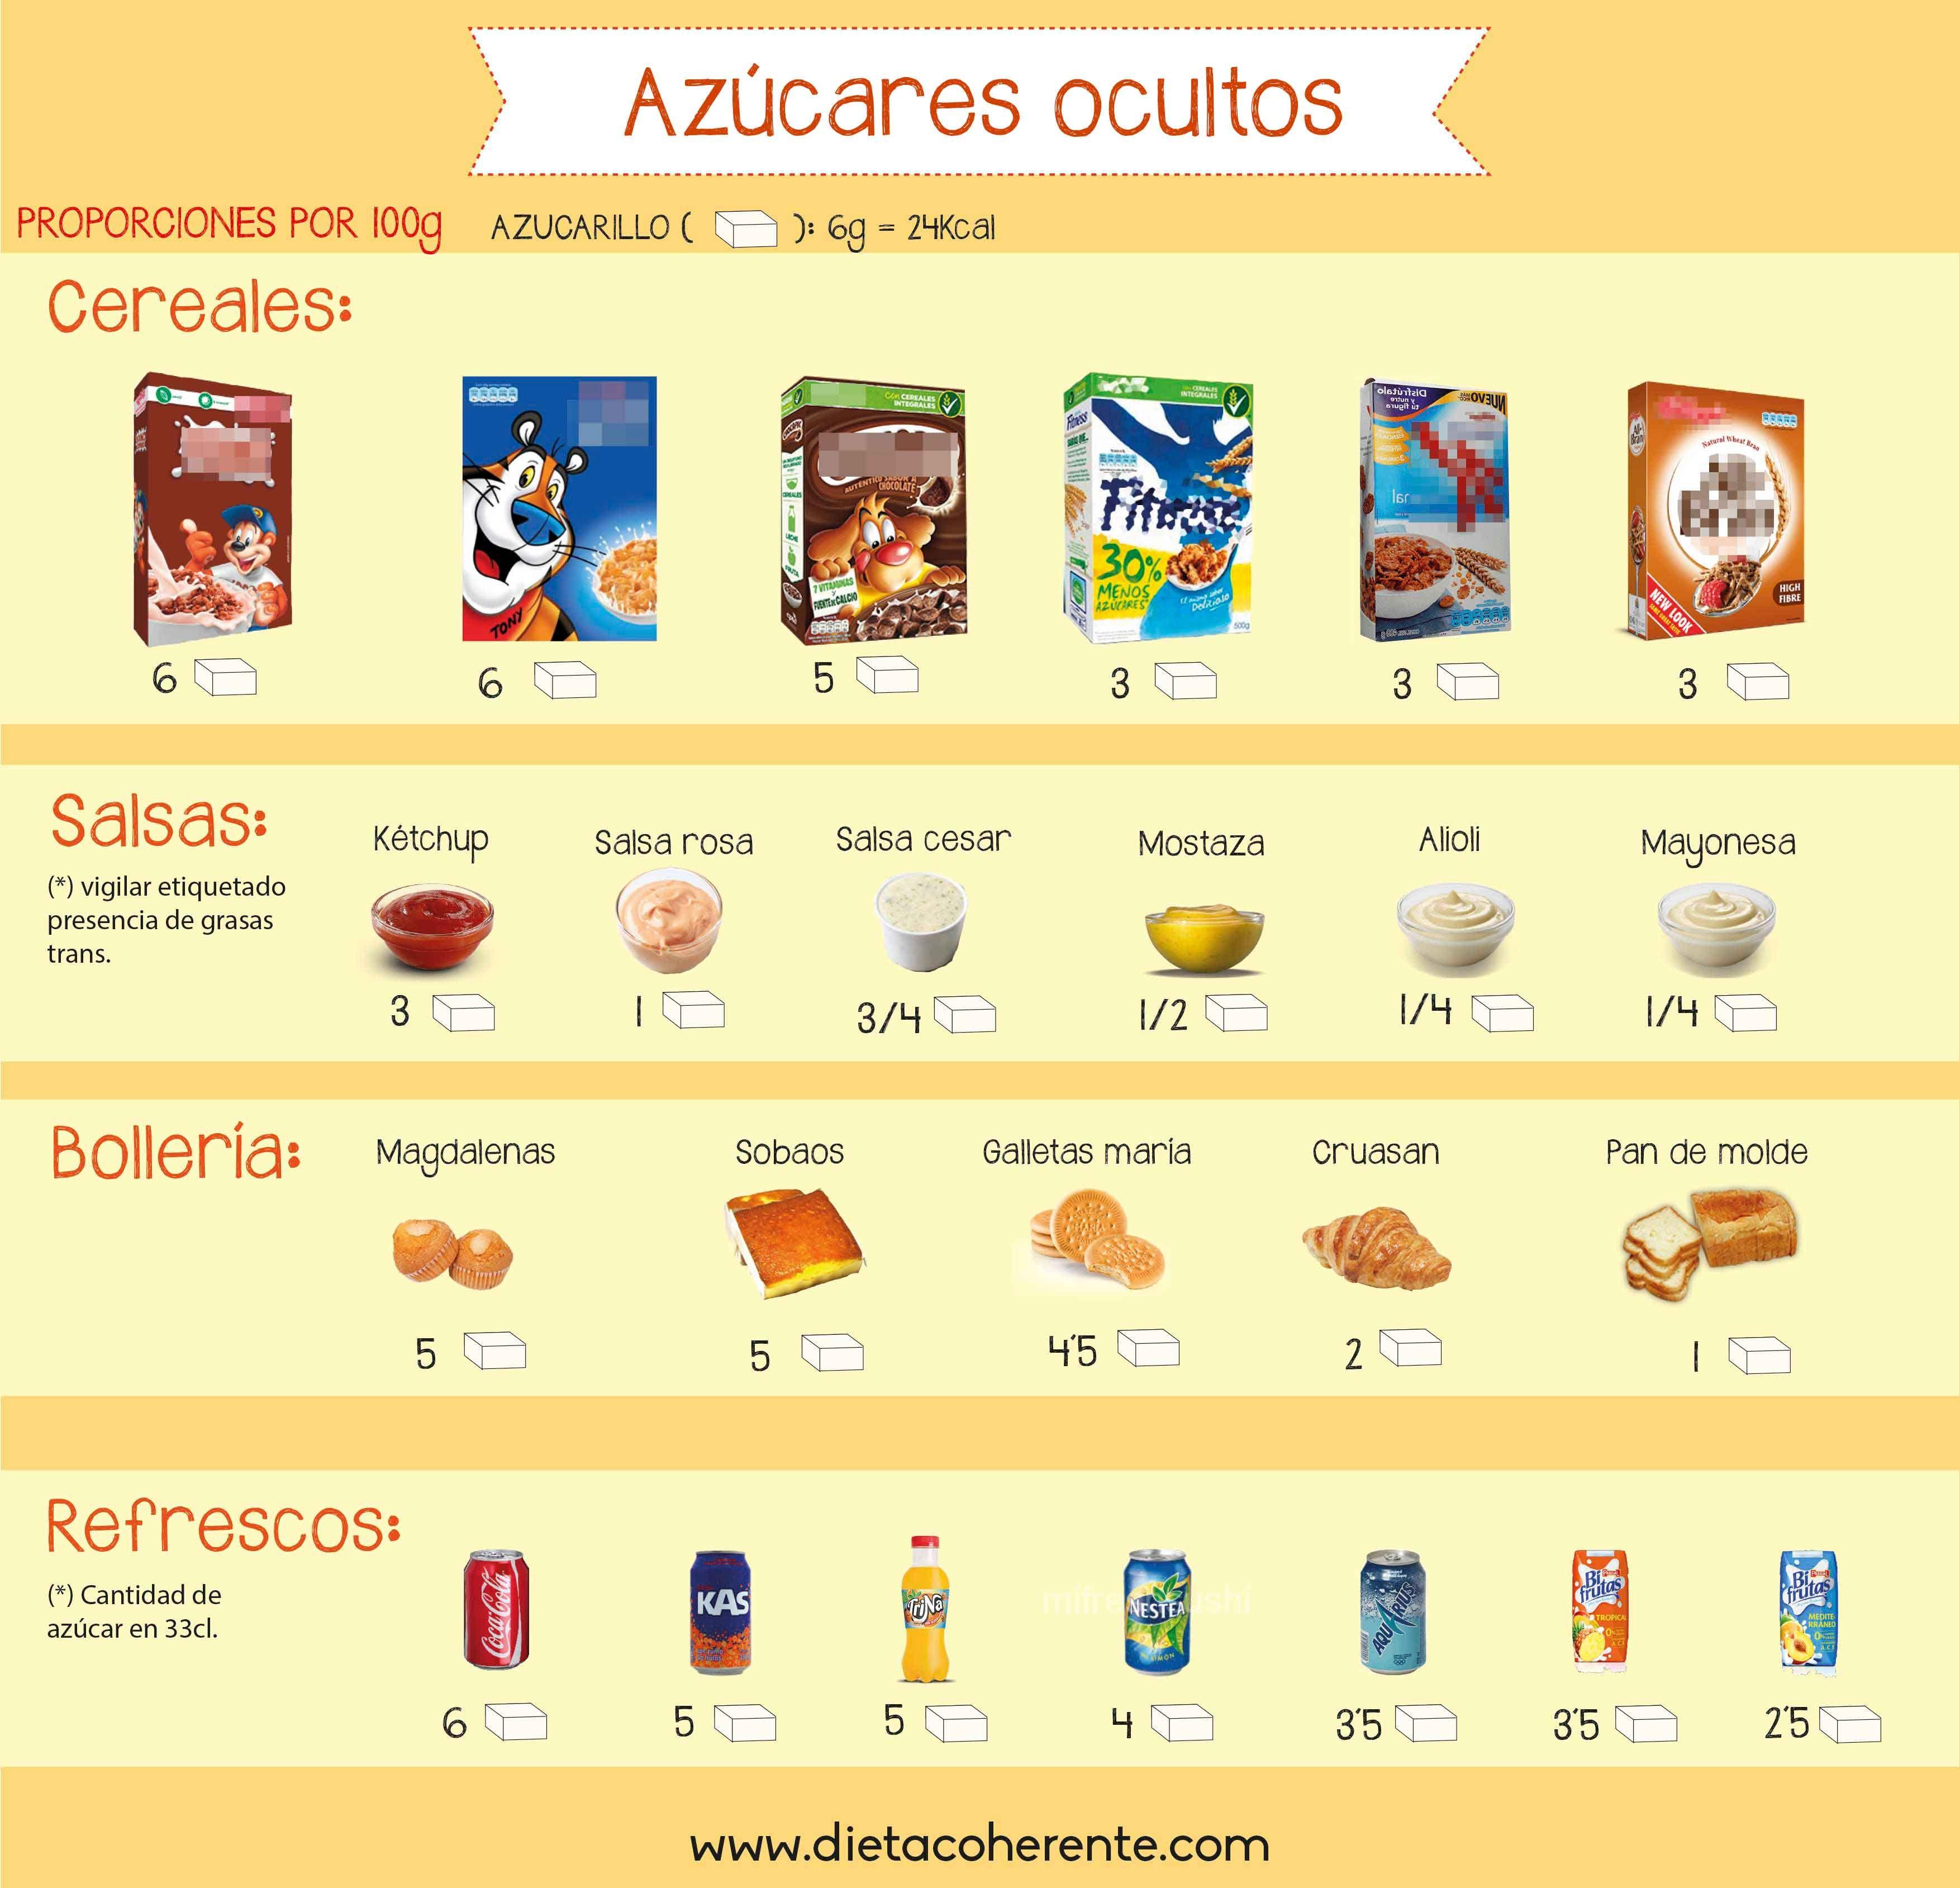 Cuidado con el azúcar oculto que tienen muchos alimentos